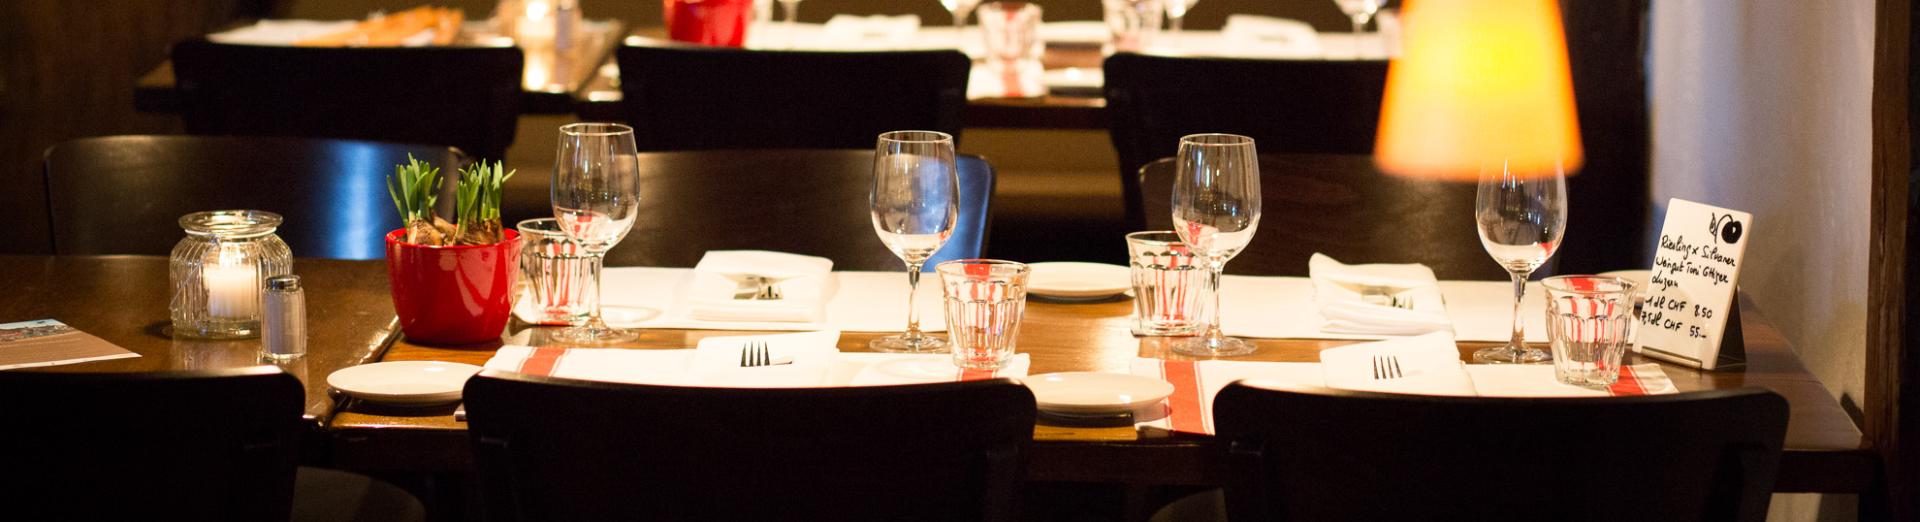 Mittagsmenu im Restaurant Swiss-Chalet